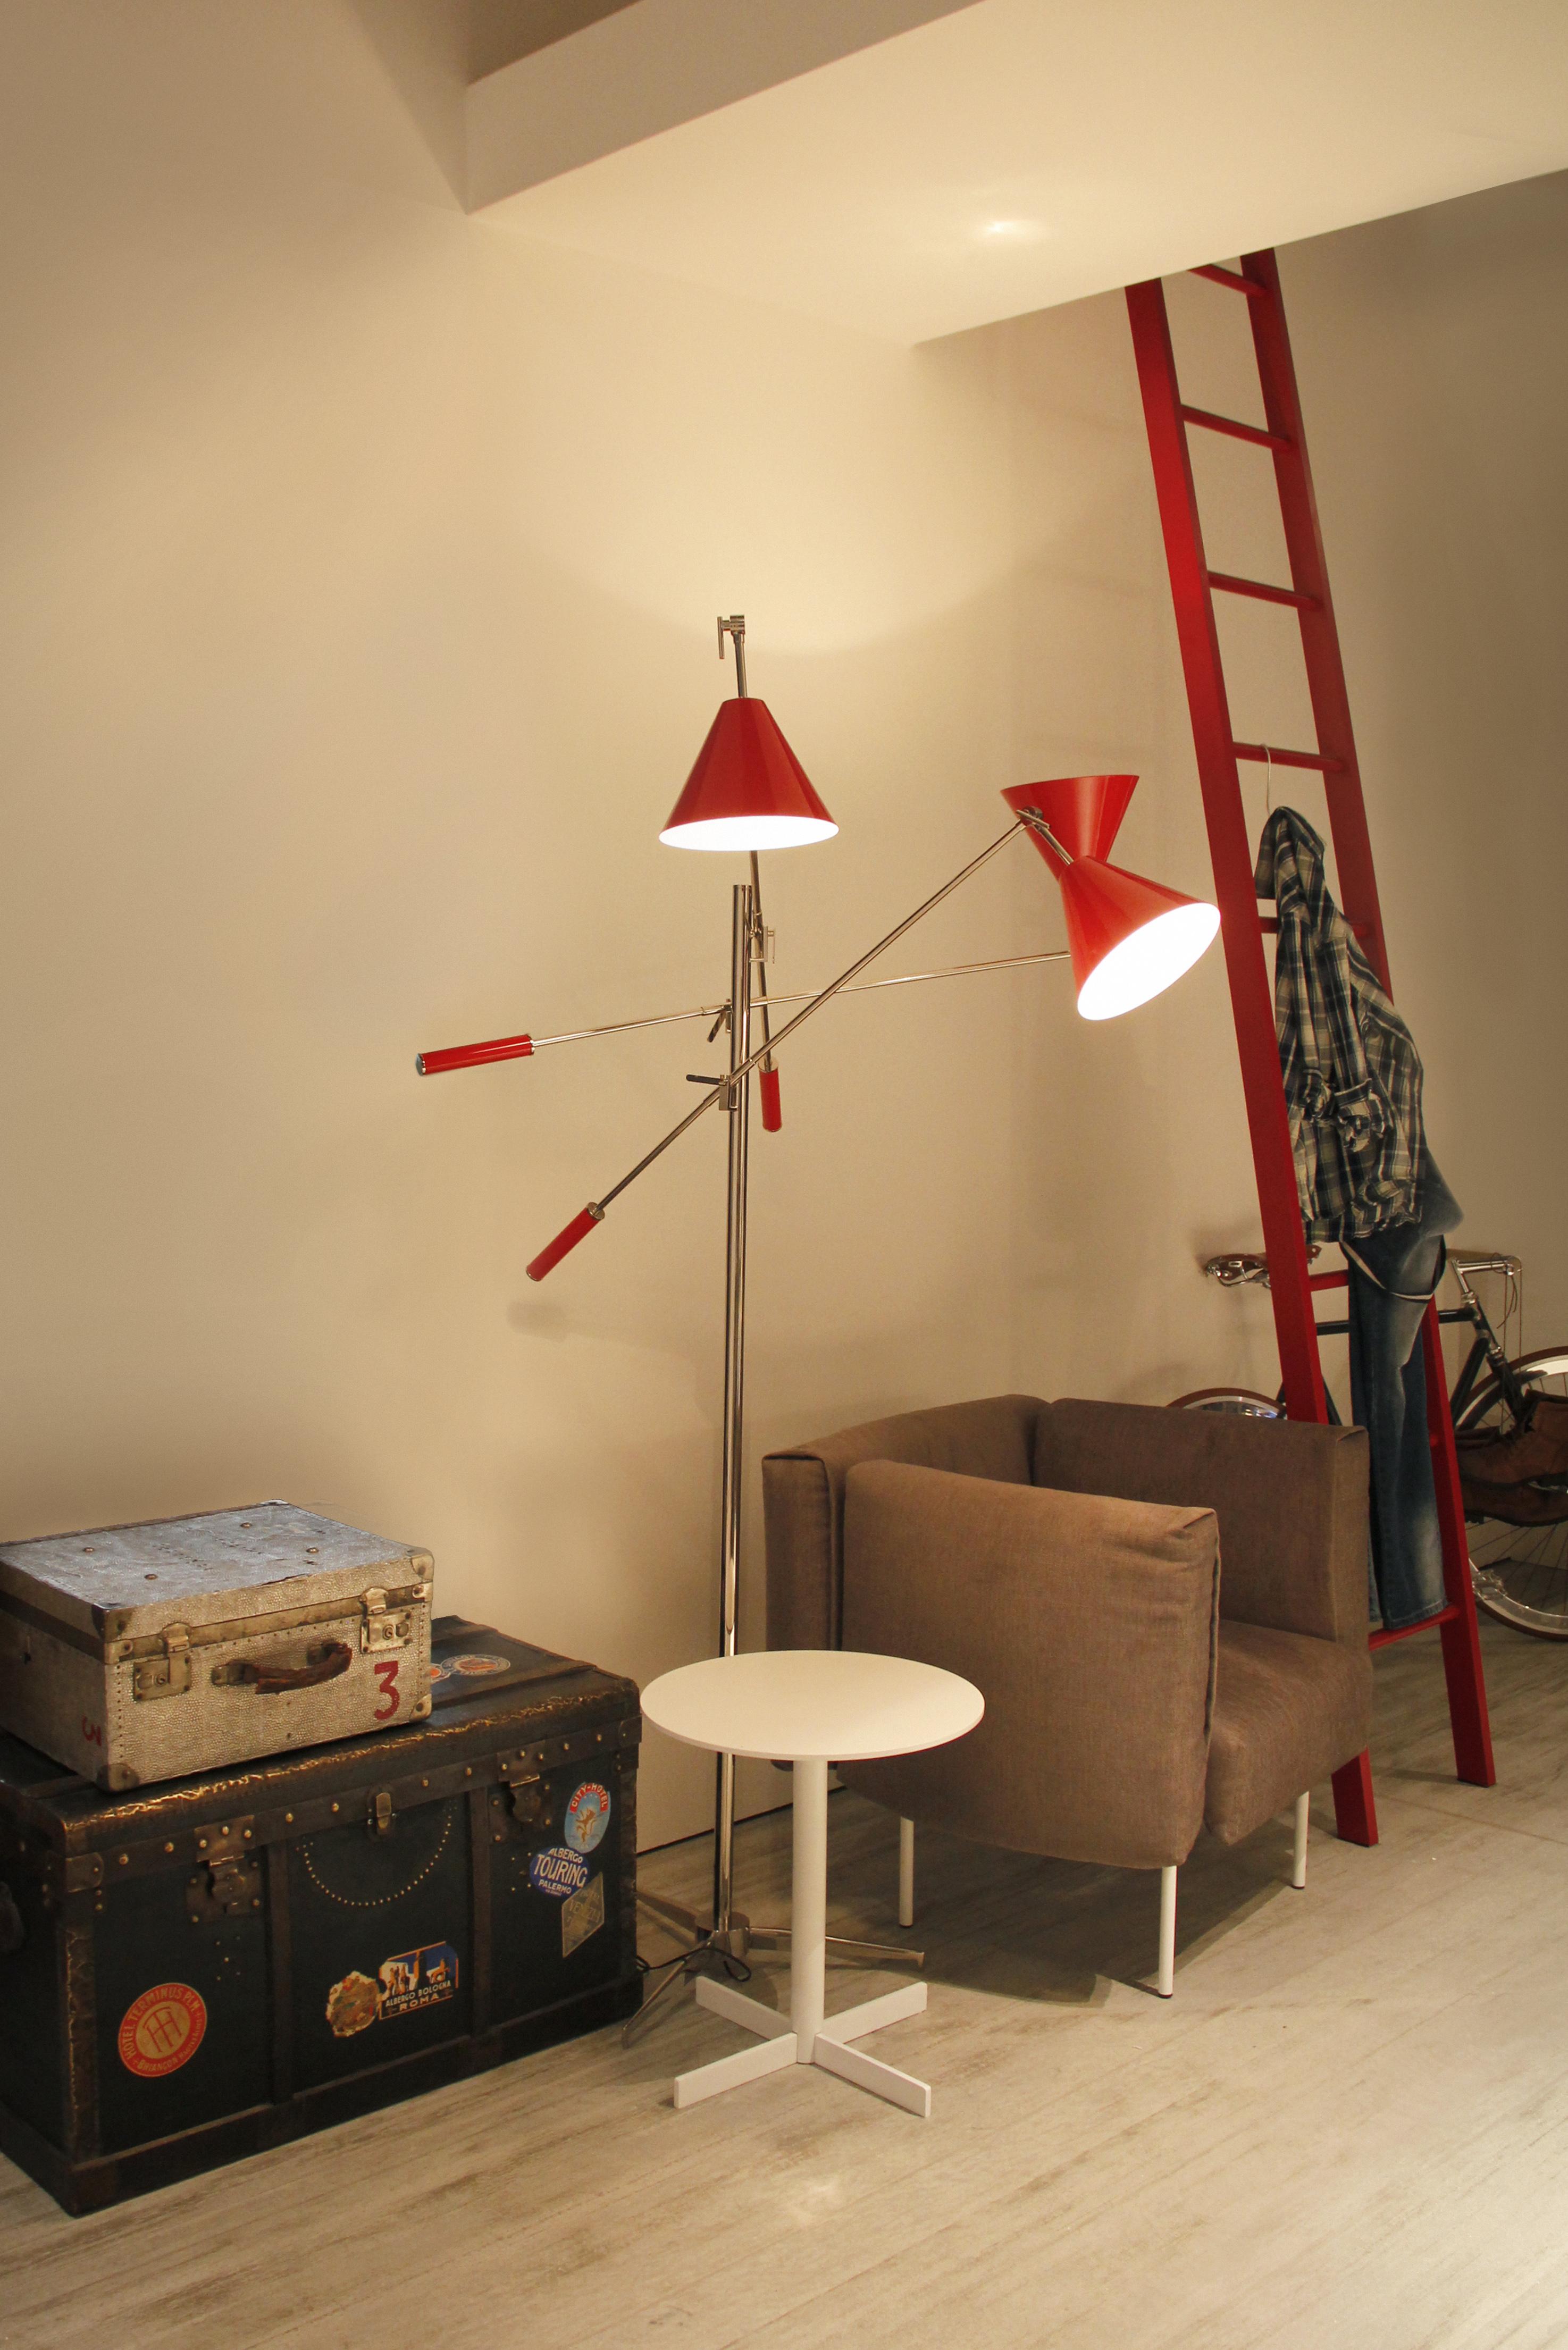 Sinatra floor lamp Equip Hotel In-Depth Sinatra Floor Lamp Equip Hotel In Depth Sinatra Floor Lamp 2 1